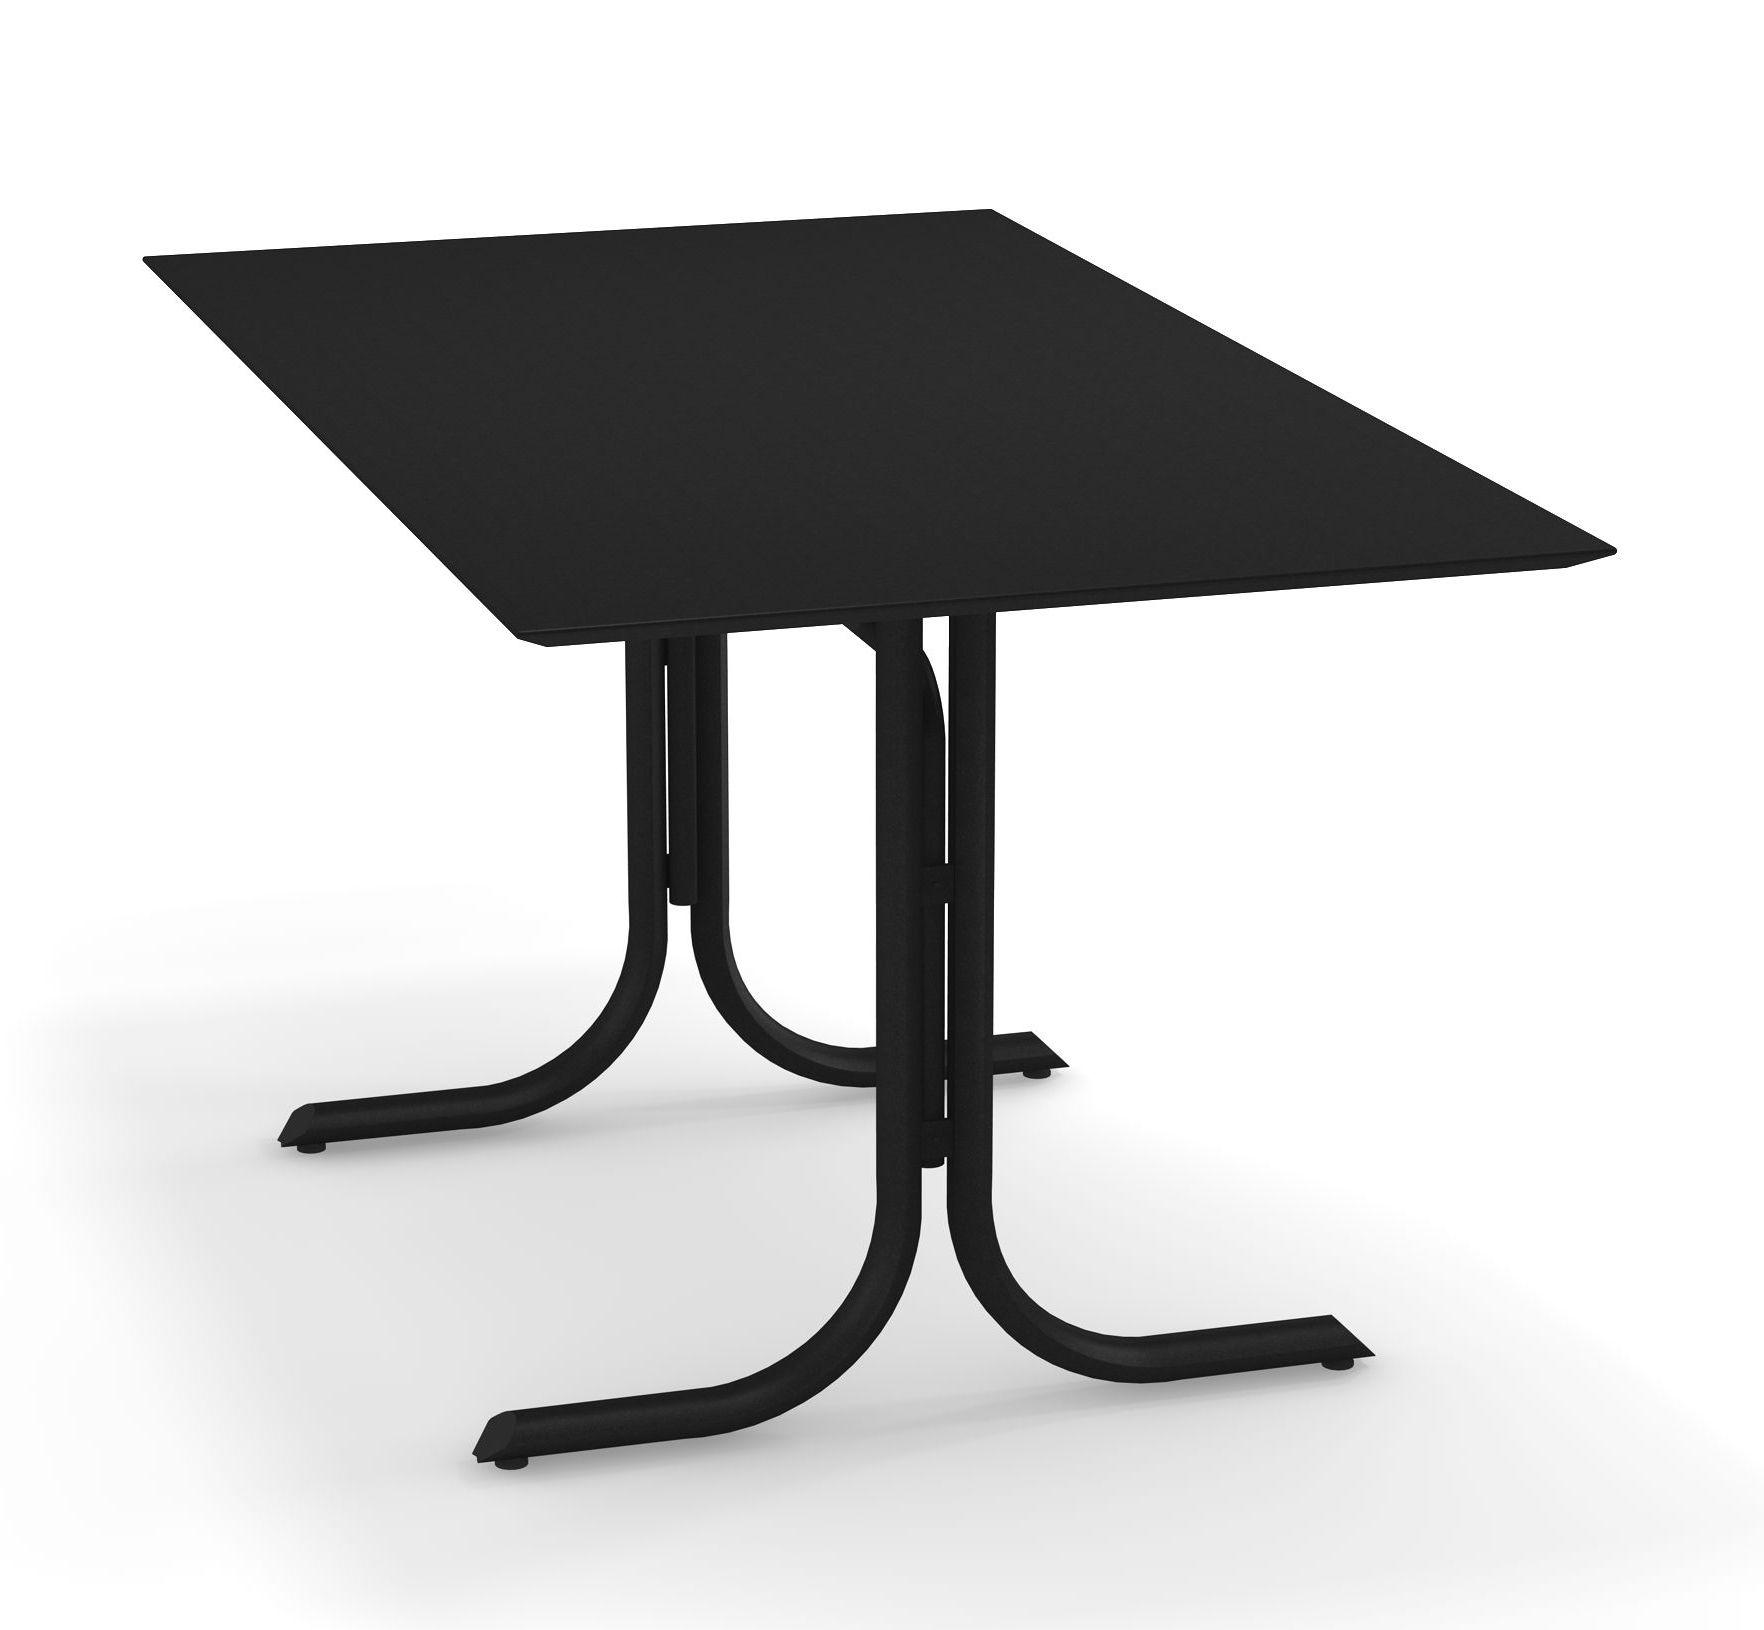 Outdoor - Tische - System Klapptisch / 80 x 140 cm - Emu - Schwarz - Acier peint galvanisé